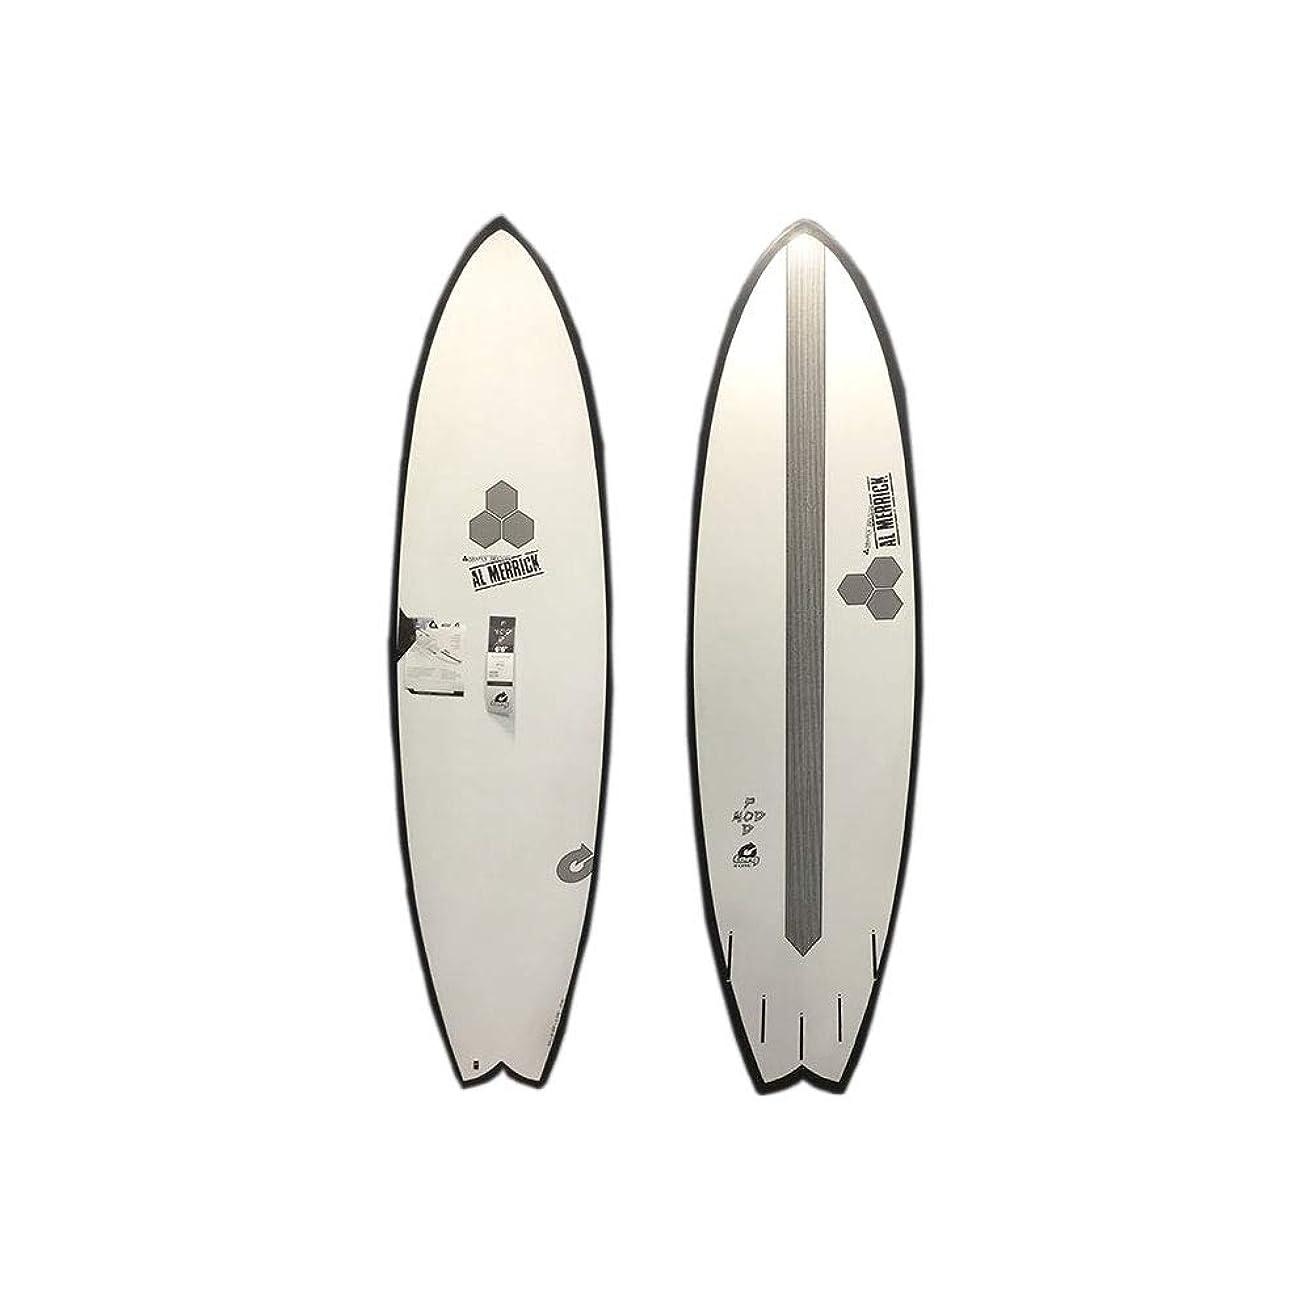 倍増保守的内なるTORQ SurfBoard トルク サーフボード POD MOD 6'6 [Secret] 限定カラー AL MERRICK アルメリックサーフボード